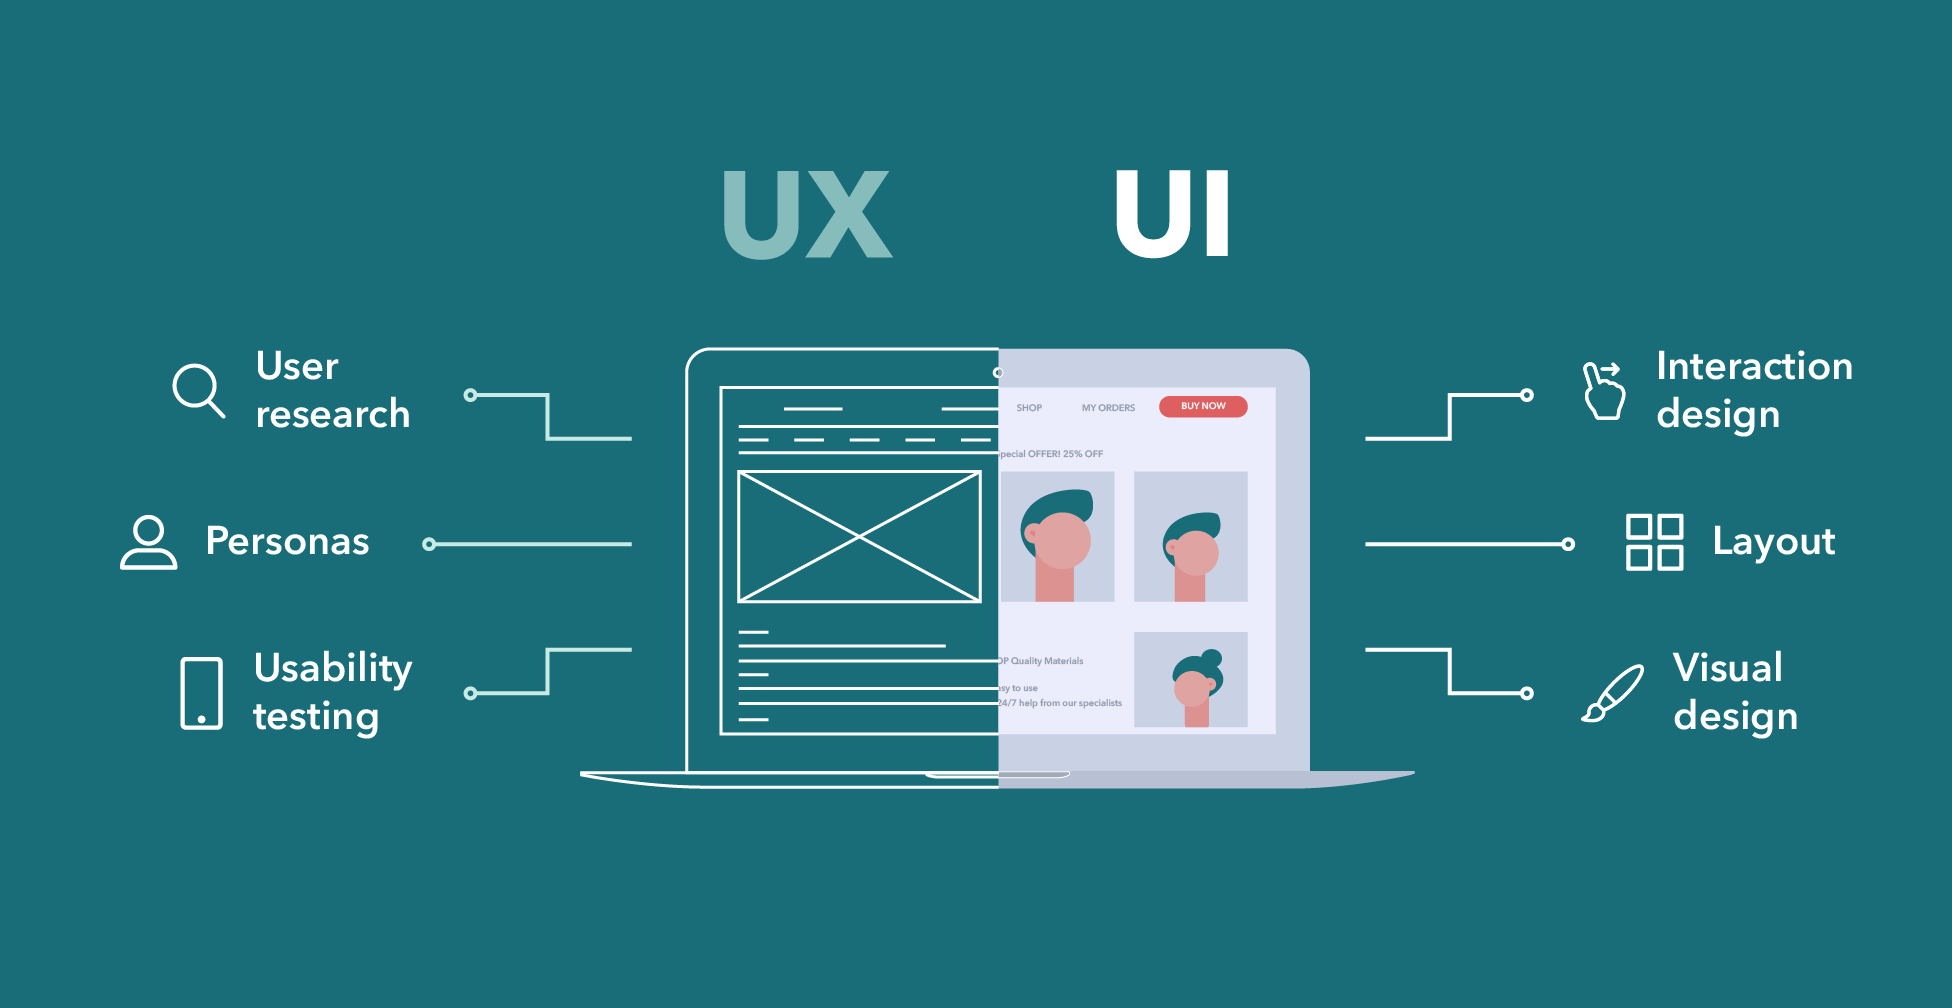 32 User interface элементов для UI дизайнеров